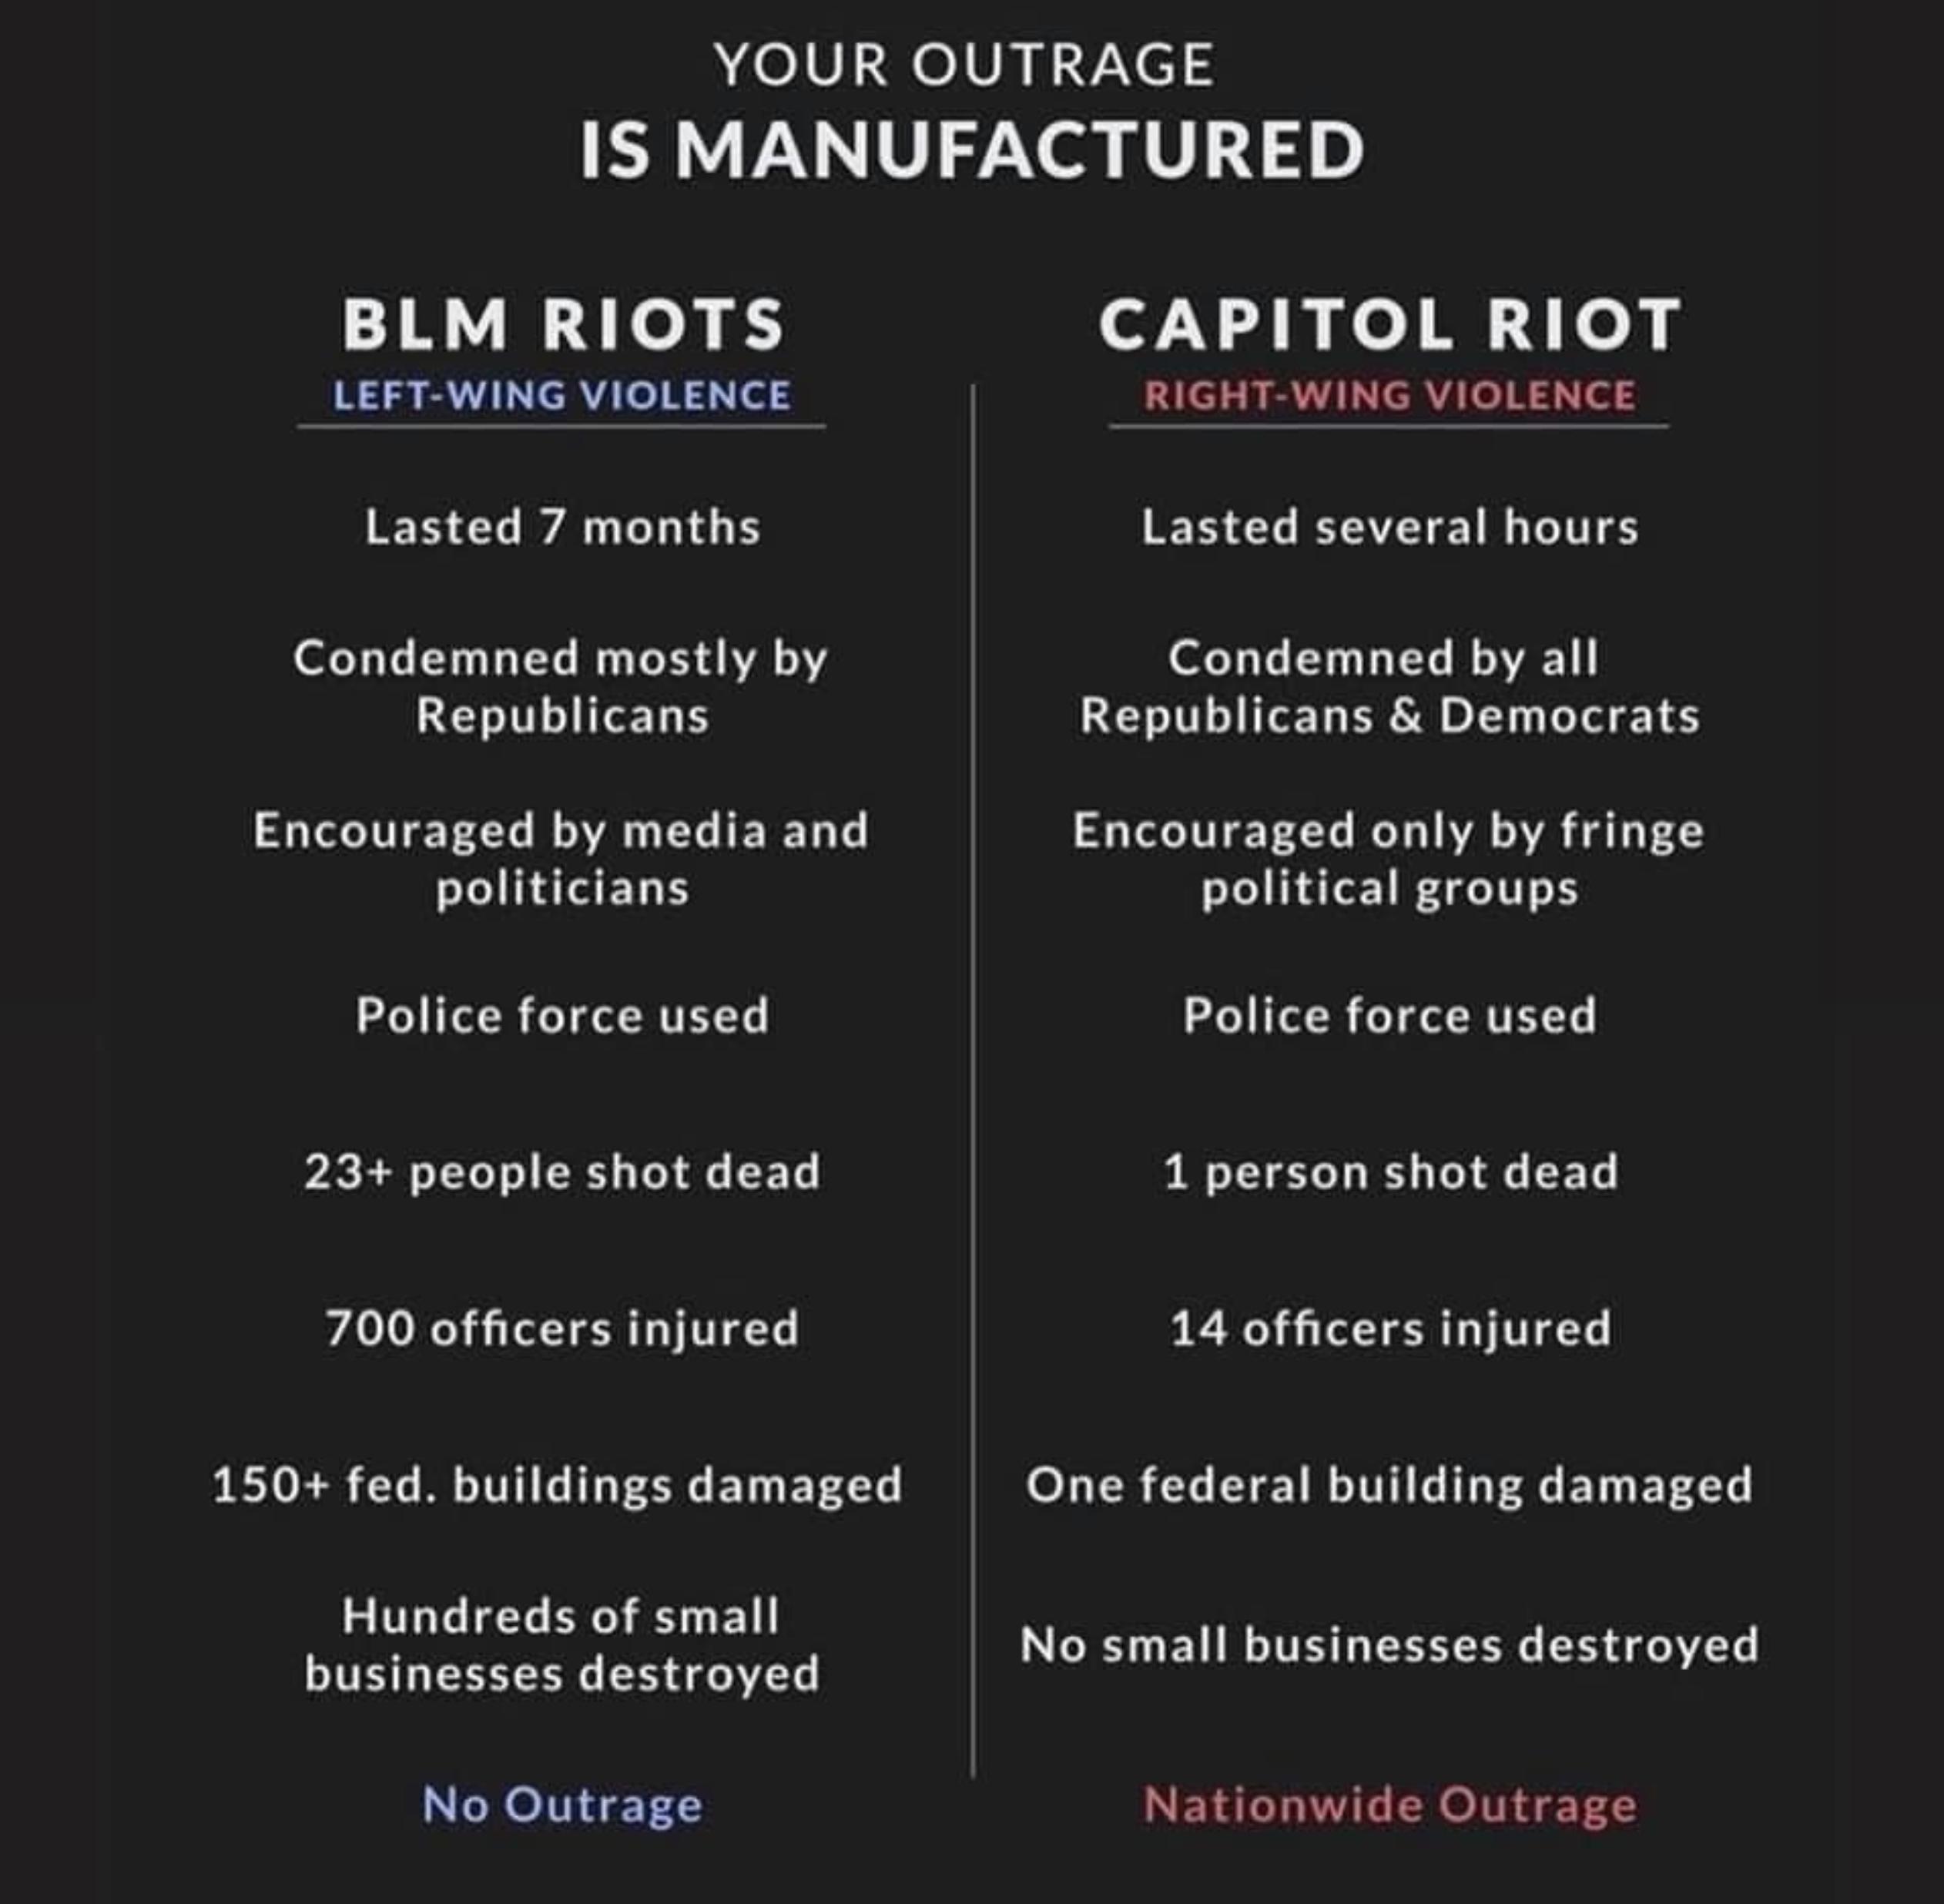 Comparons un instant le traitement politico-merdiatique réservé aux manifestants Black Lives Matter et aux manifestants du Capitole